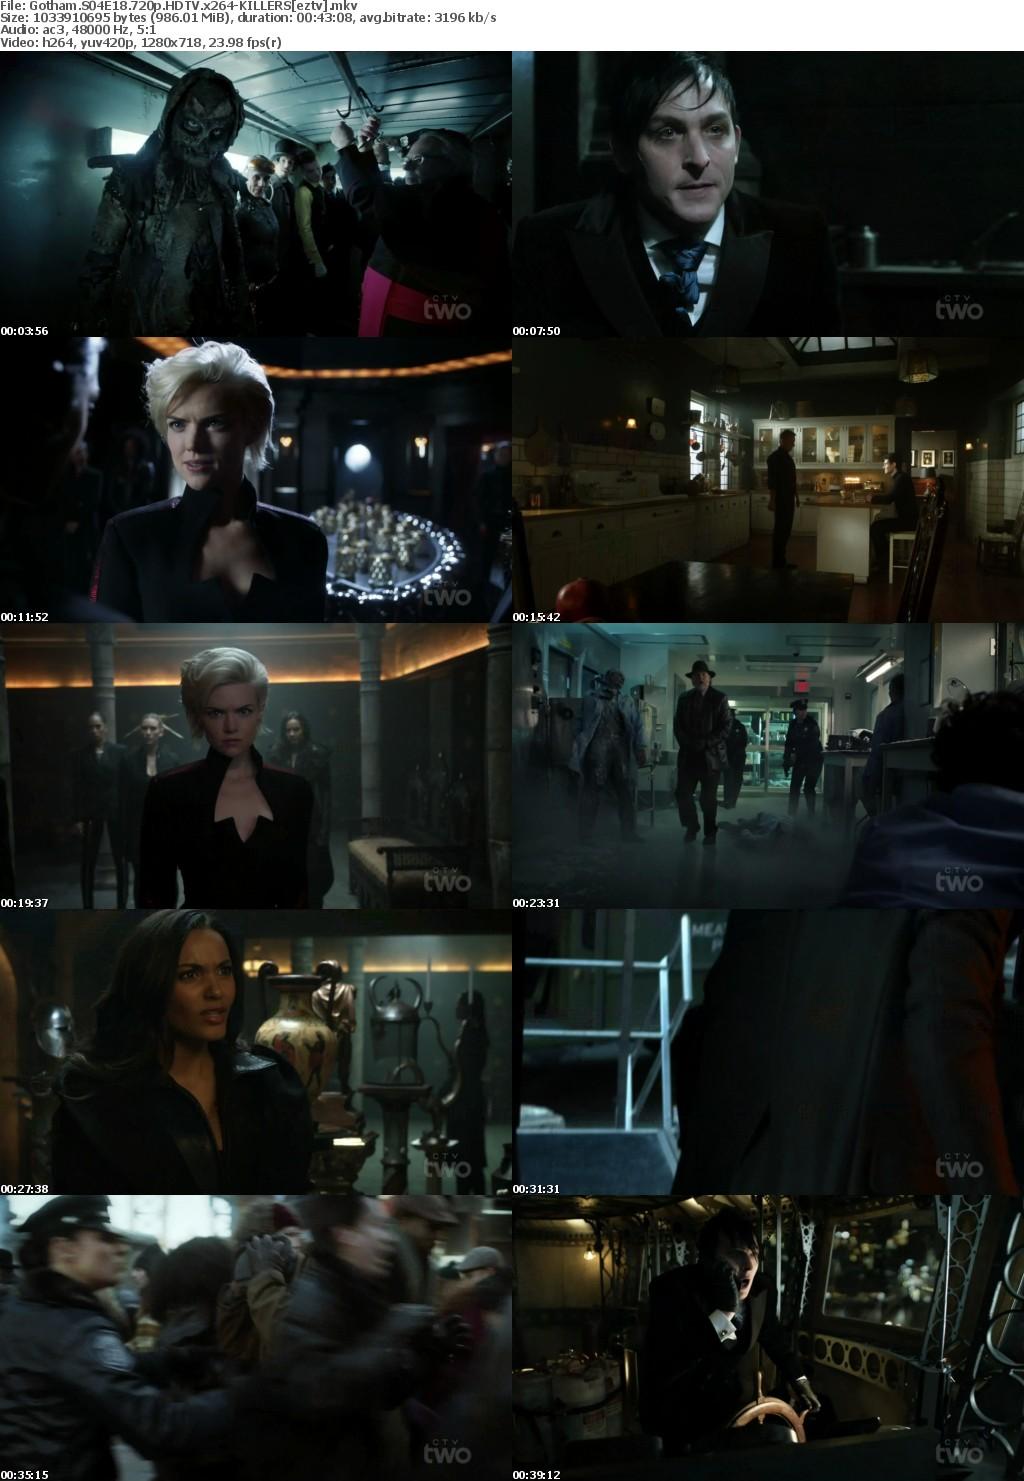 Gotham S04E18 720p HDTV x264-KILLERS